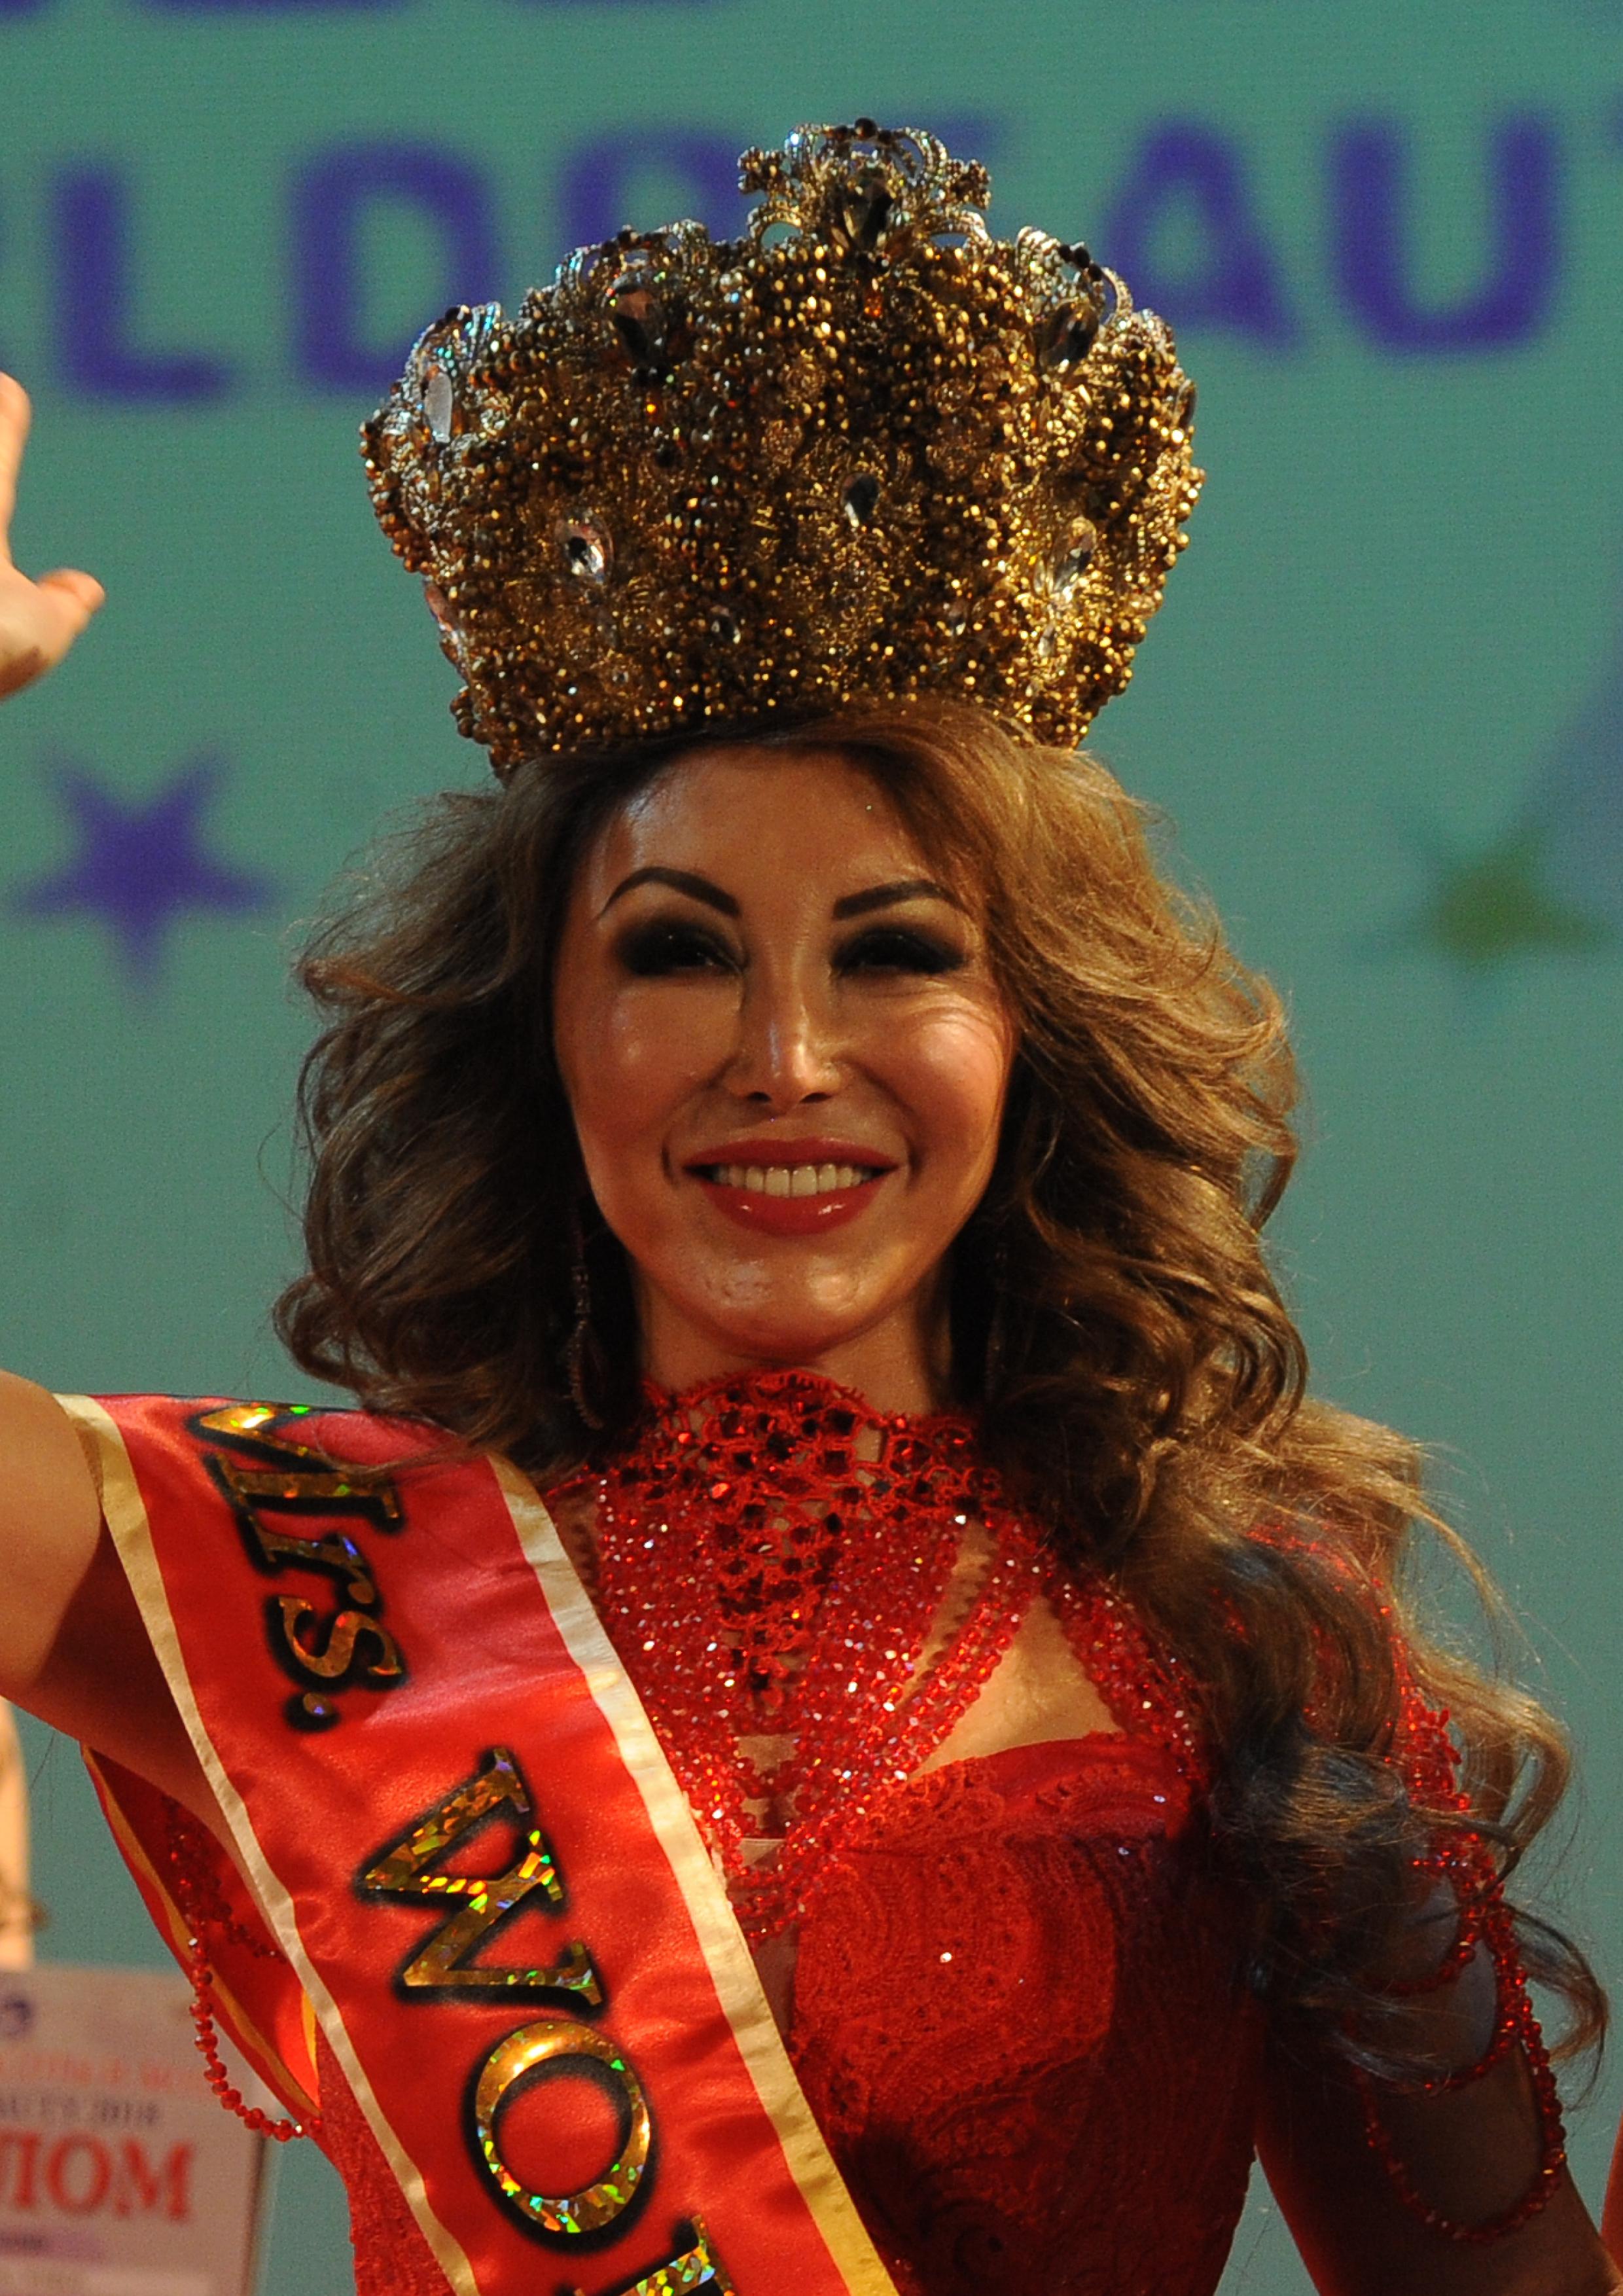 Итоги конкурса красоты «Миссис Мира 2018» «Missis World 2018»